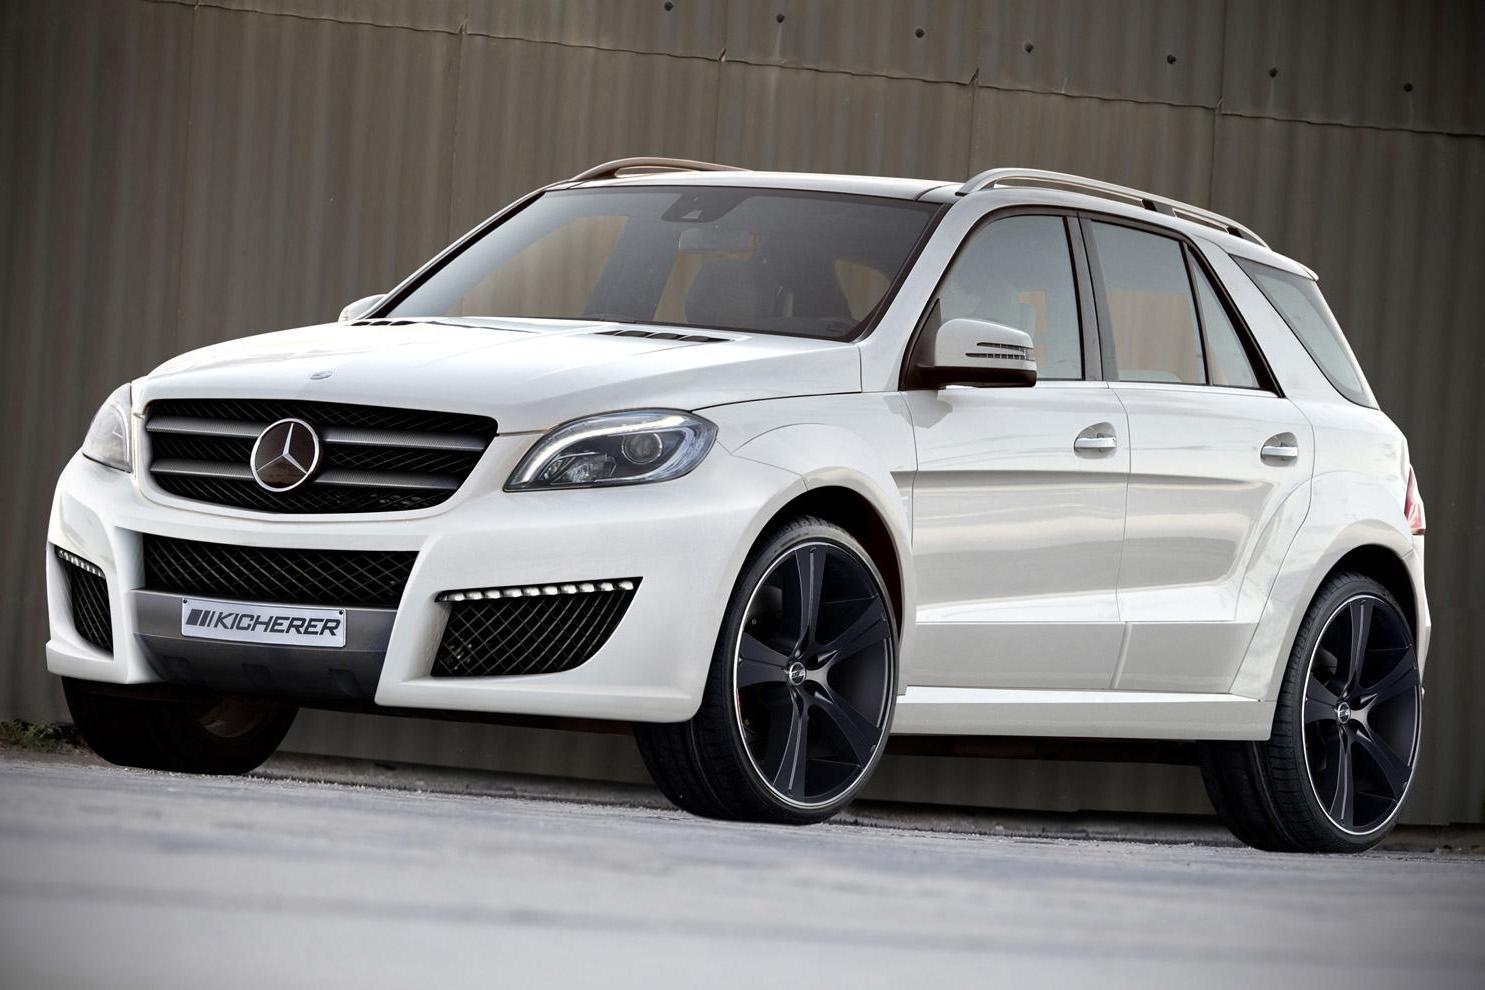 Mercedes M-Class by Kicherer